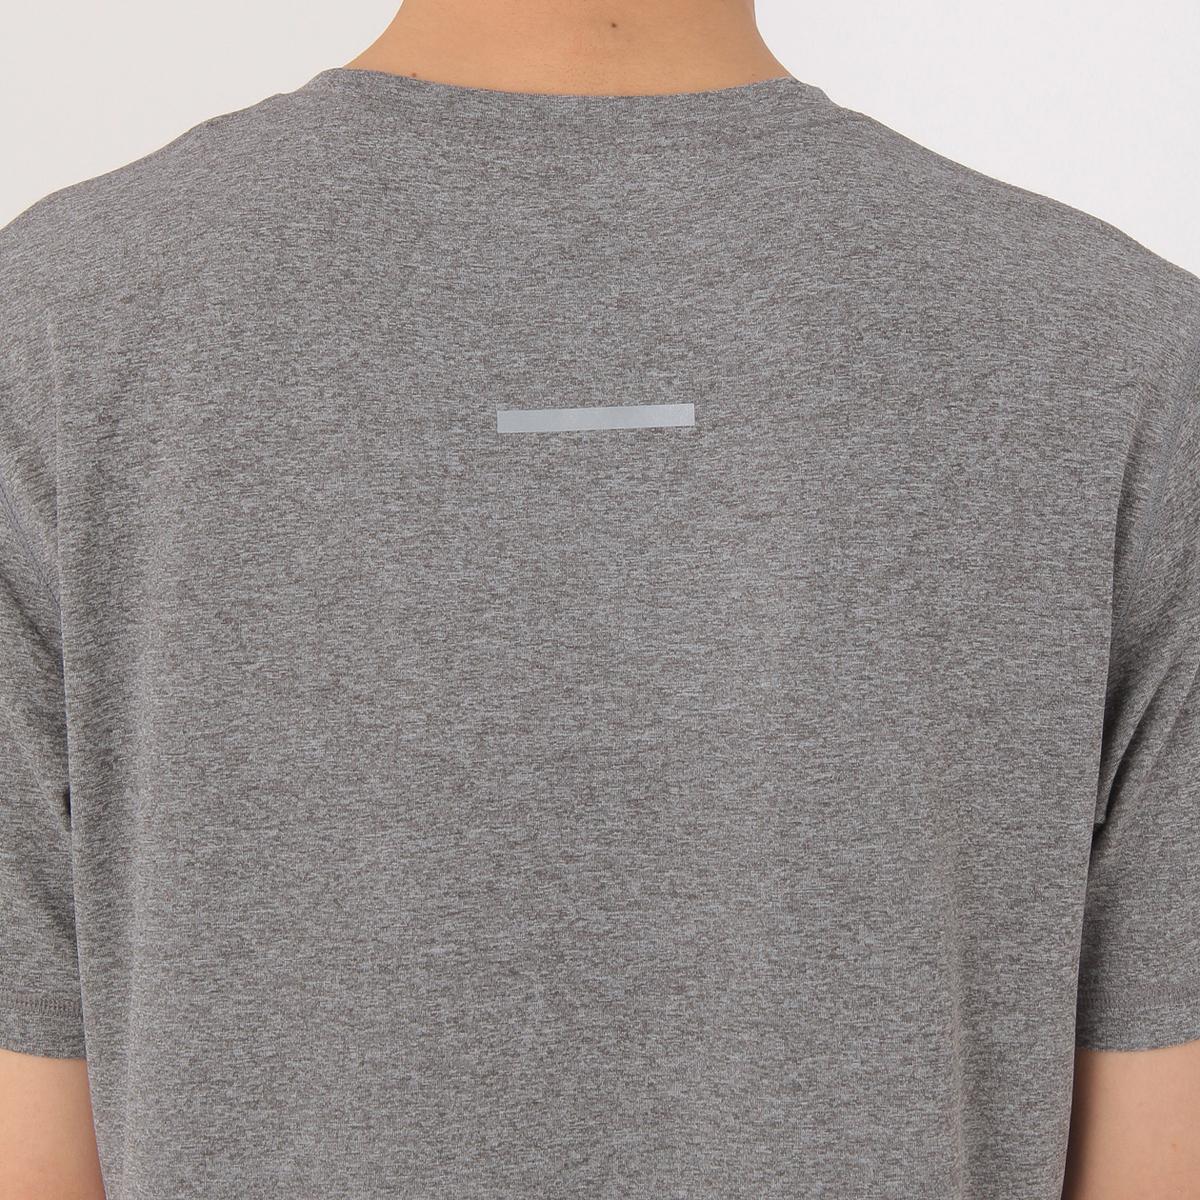 Tシャツの後ろからの写真